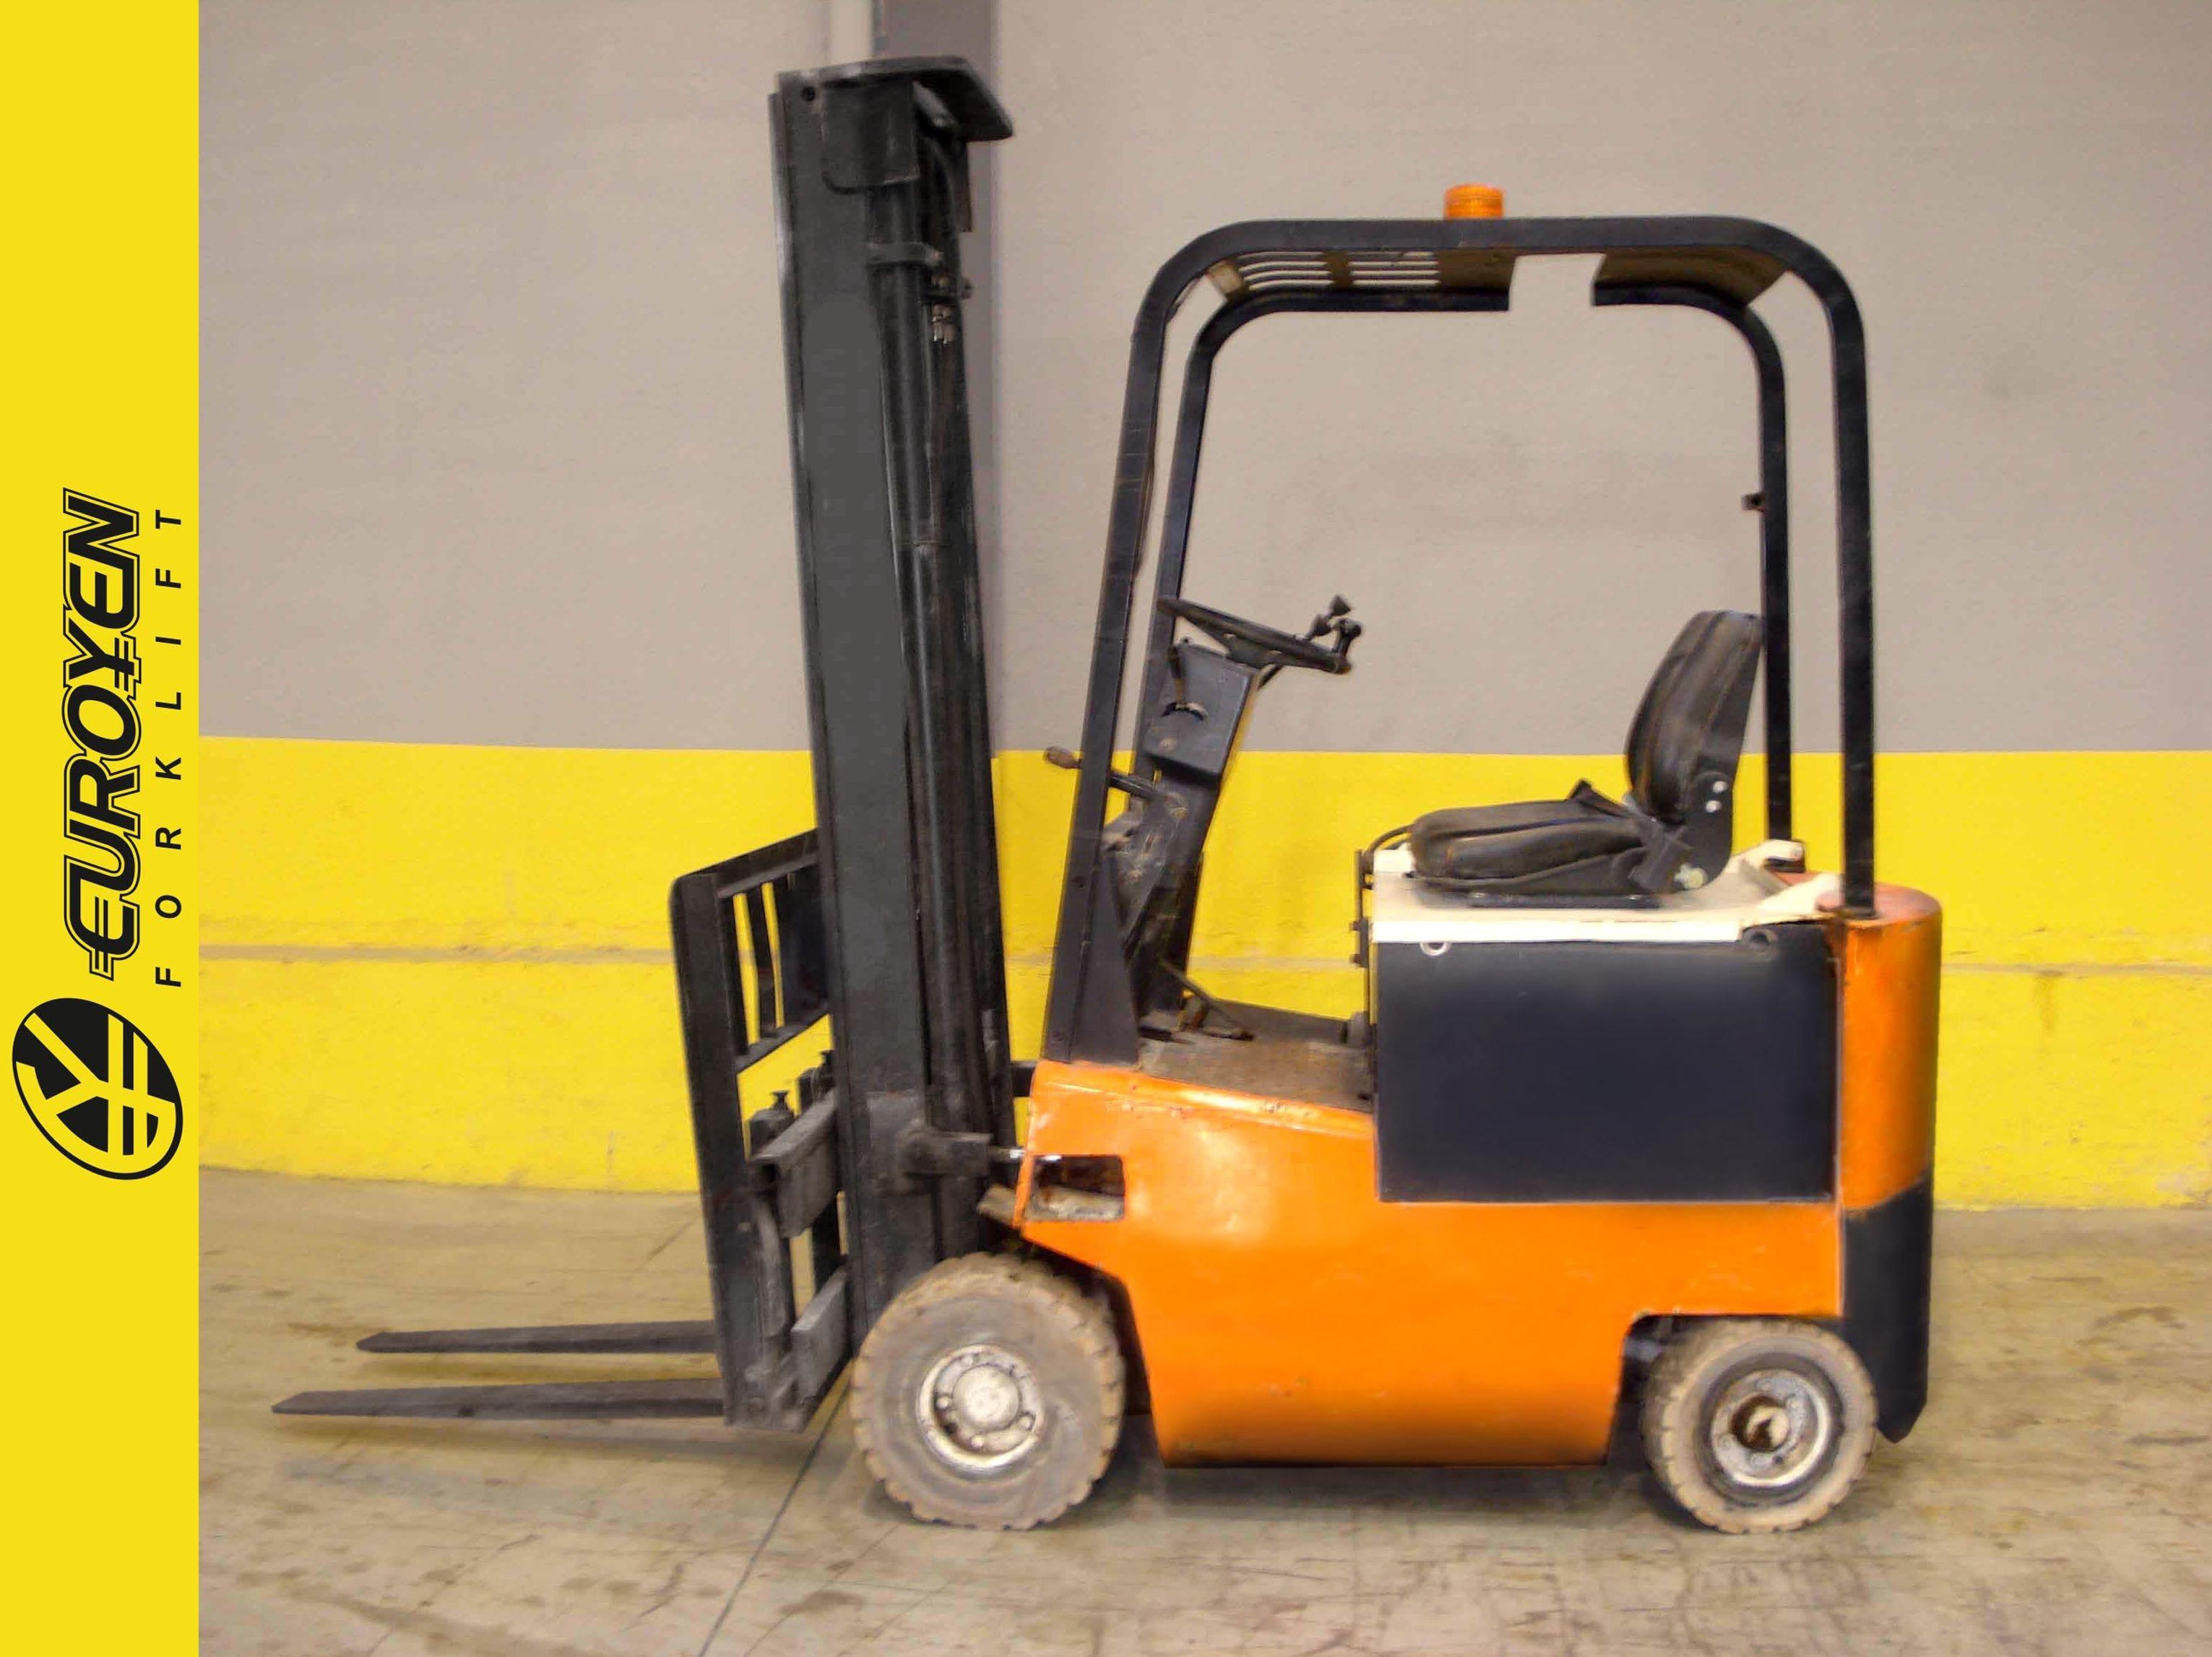 Carretilla eléctrica YALE Nº 5379: Productos y servicios de Comercial Euroyen, S. L.